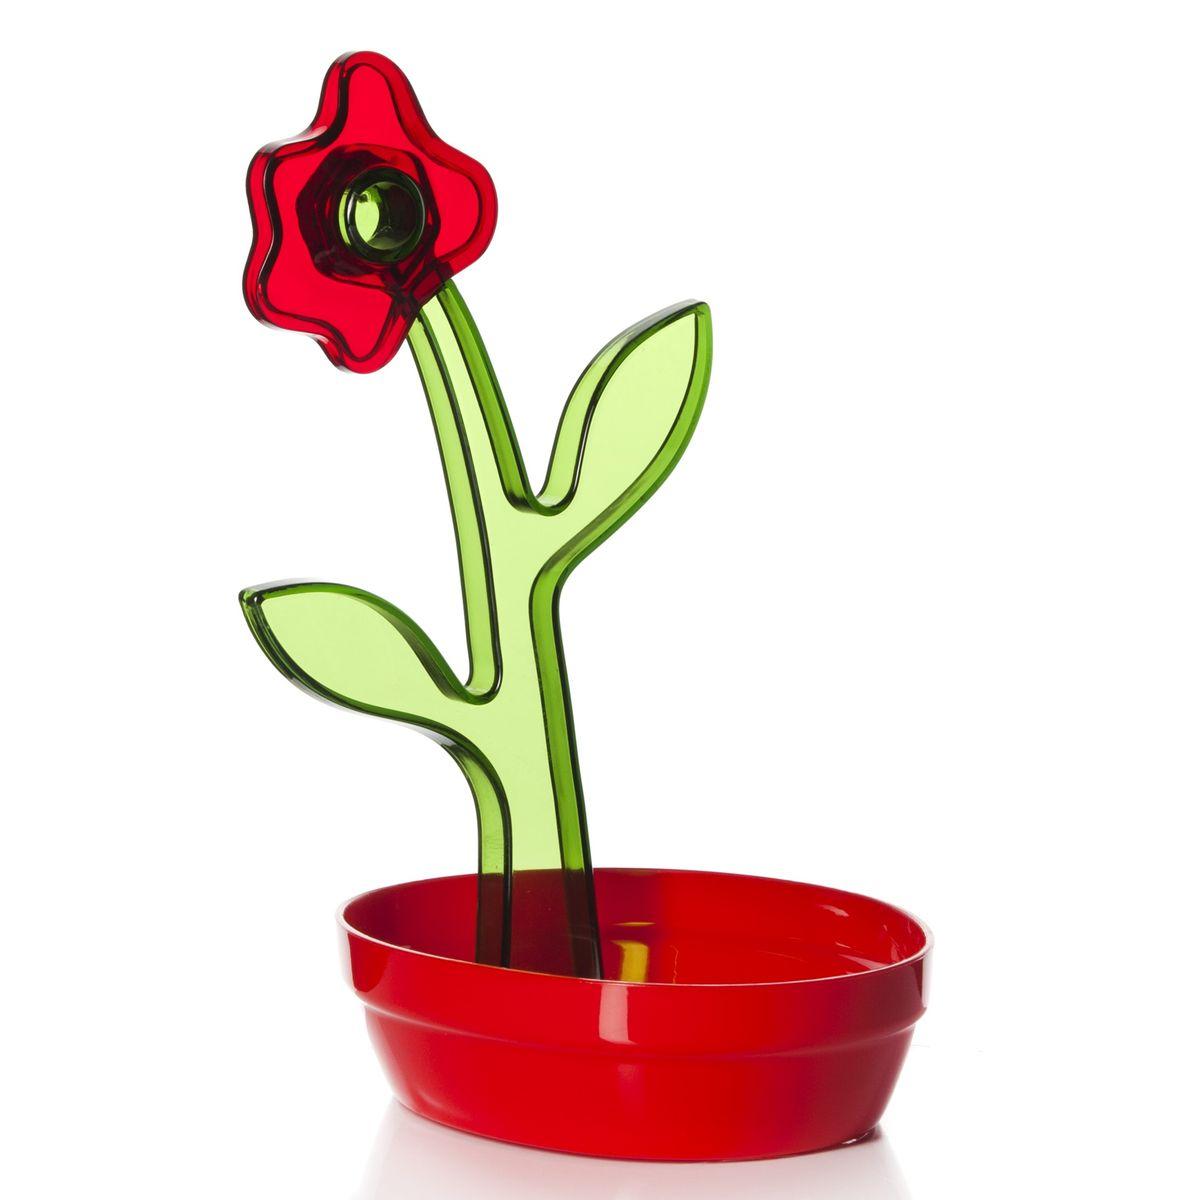 Подставка под ложку Herevin, цвет: красный161250-000Подставка под ложку Herevin, изготовленная из высококачественного пищевого пластика, декорирована декоративным цветком. Изделие выдерживает высокие температуры, что позволяет использовать его как подставку под кухонные принадлежности, которыми вы готовите, например, половник или лопатку. Подставка защитит поверхность стола от высоких температур и поможет сохранить чистоту на кухне.